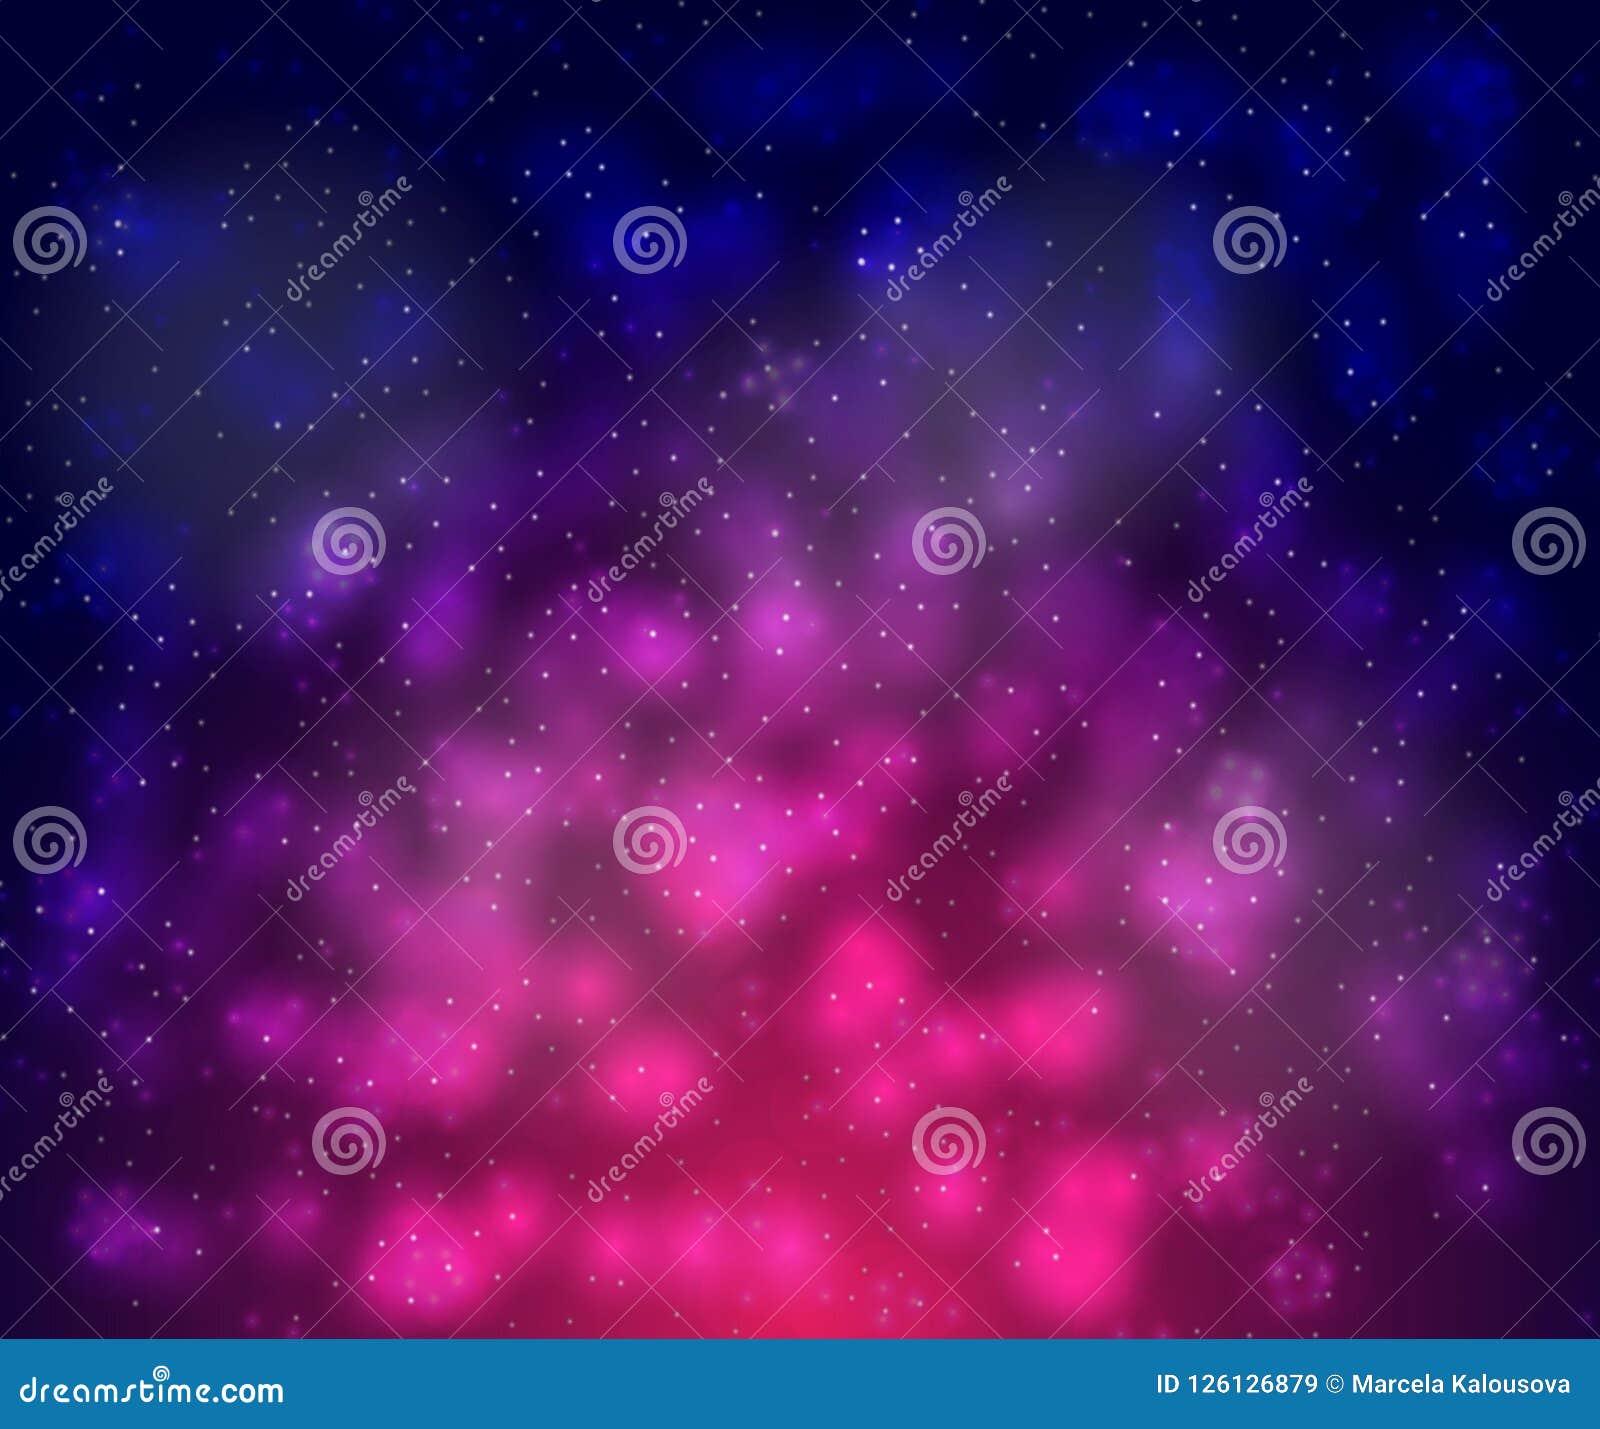 Vector предпосылка безмерного пространства с звездами, галактиками, межзвёздными облаками яркие пятна и помарки масла с белыми то